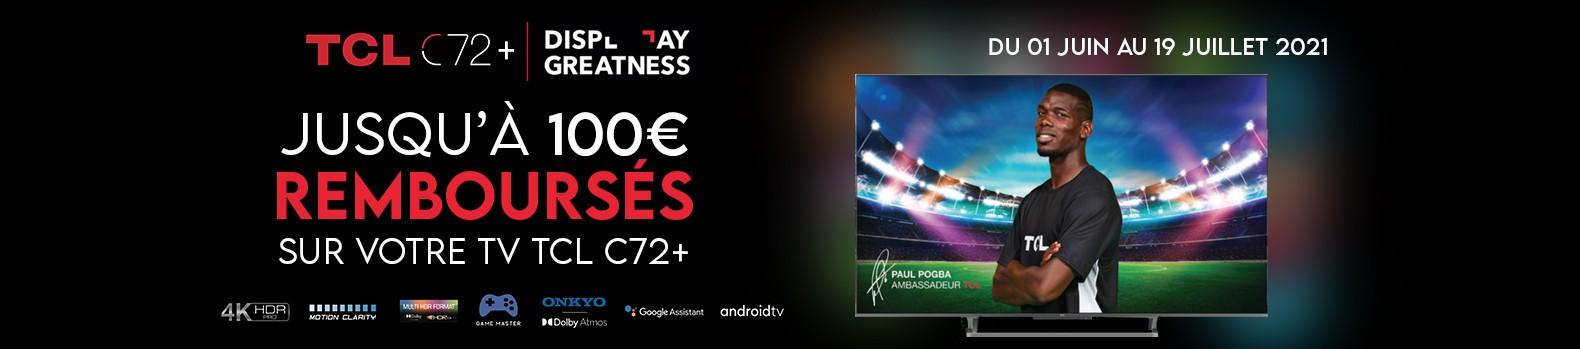 Jusqu'à 100€ remboursés pour l'achat d'une TV TCL C729